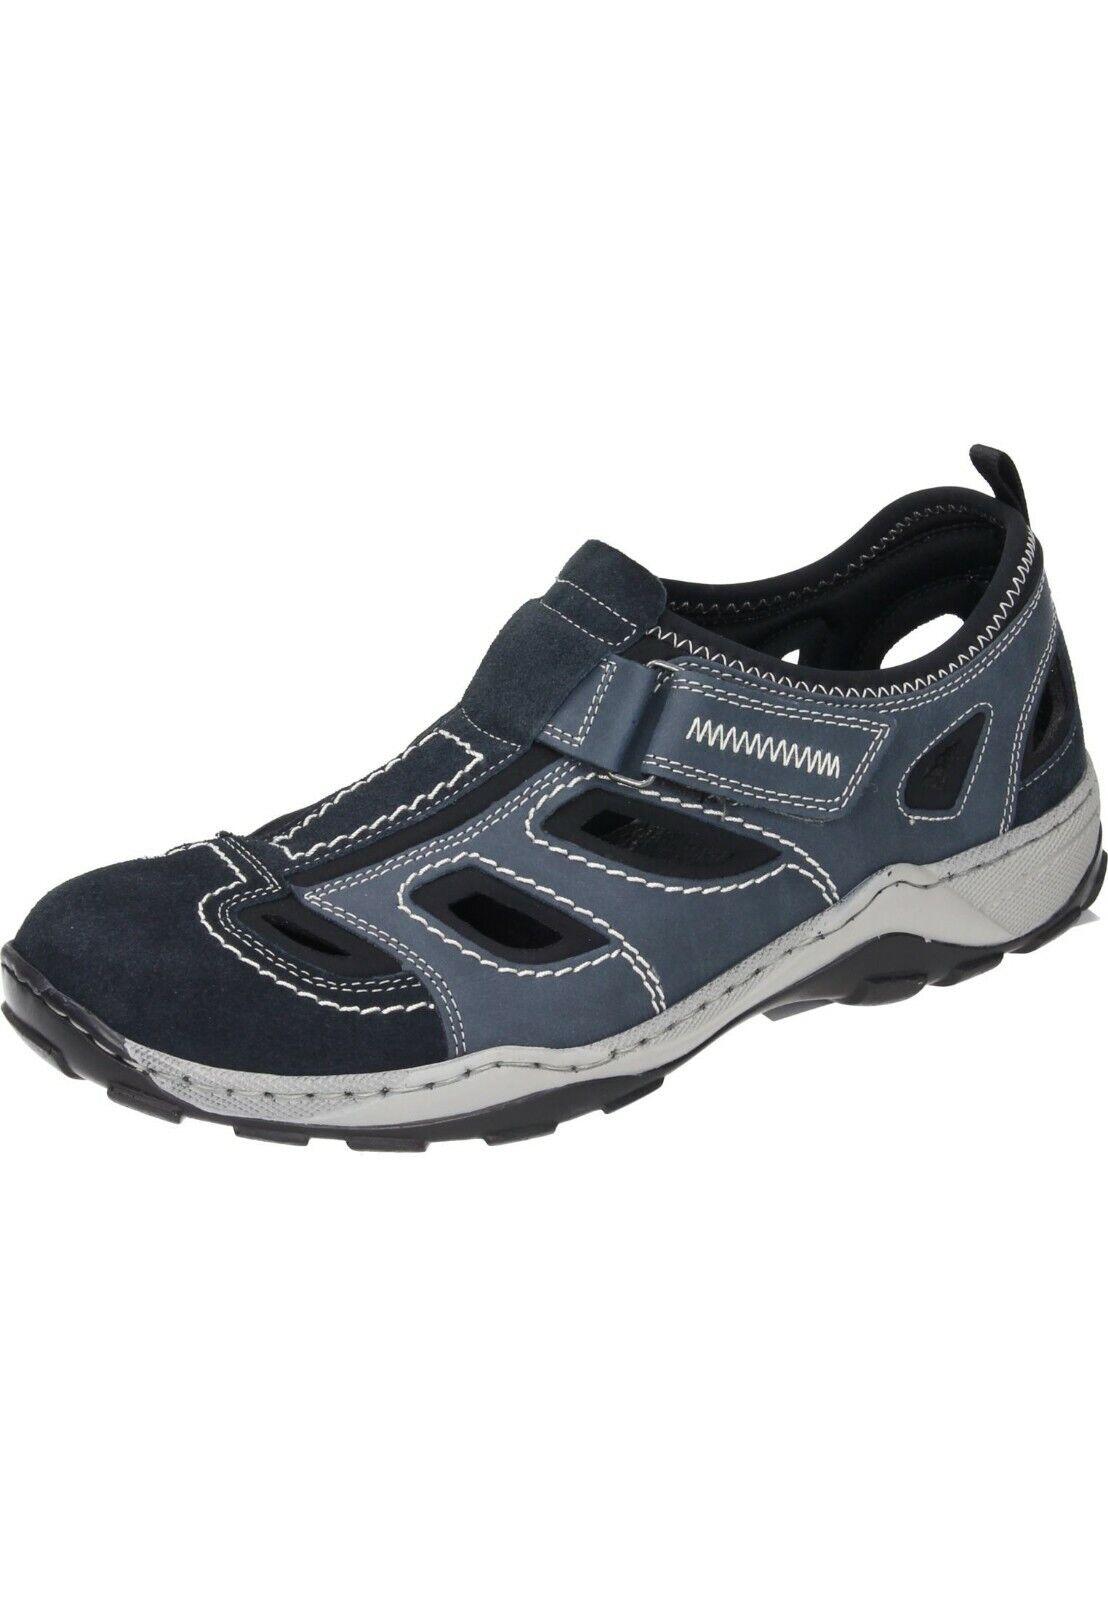 Rieker Sandalen Klettverschluss Slipper Schuhe blau 40 - 47 08075-14 Neu13